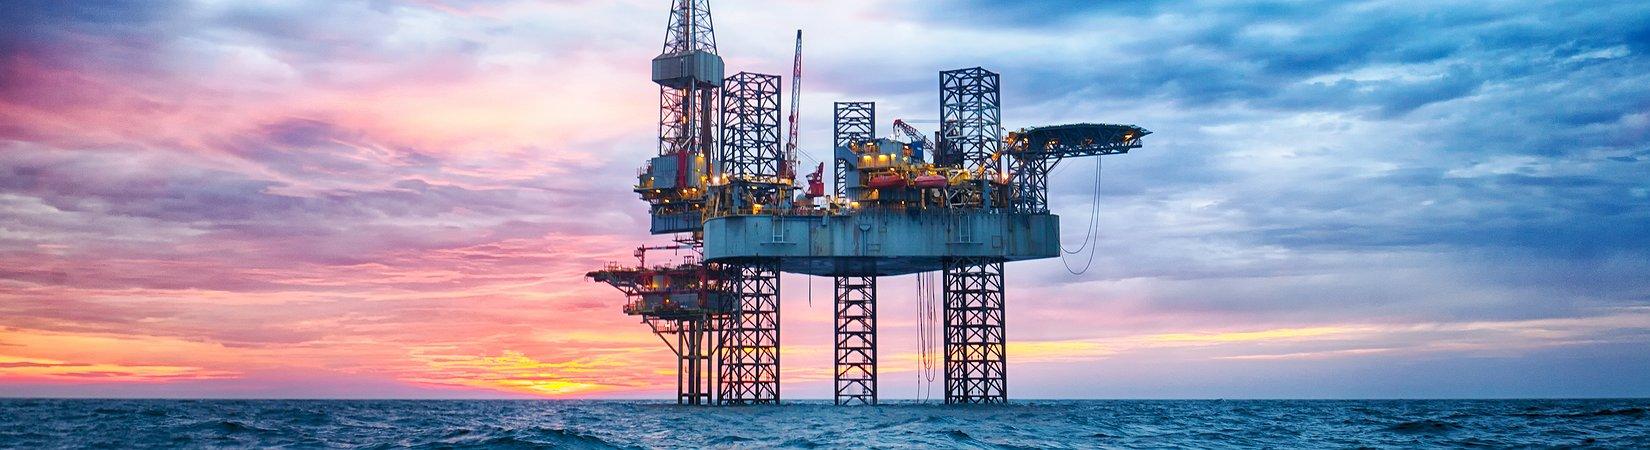 МЭА повысило прогноз по росту спроса на нефть в 2017 году